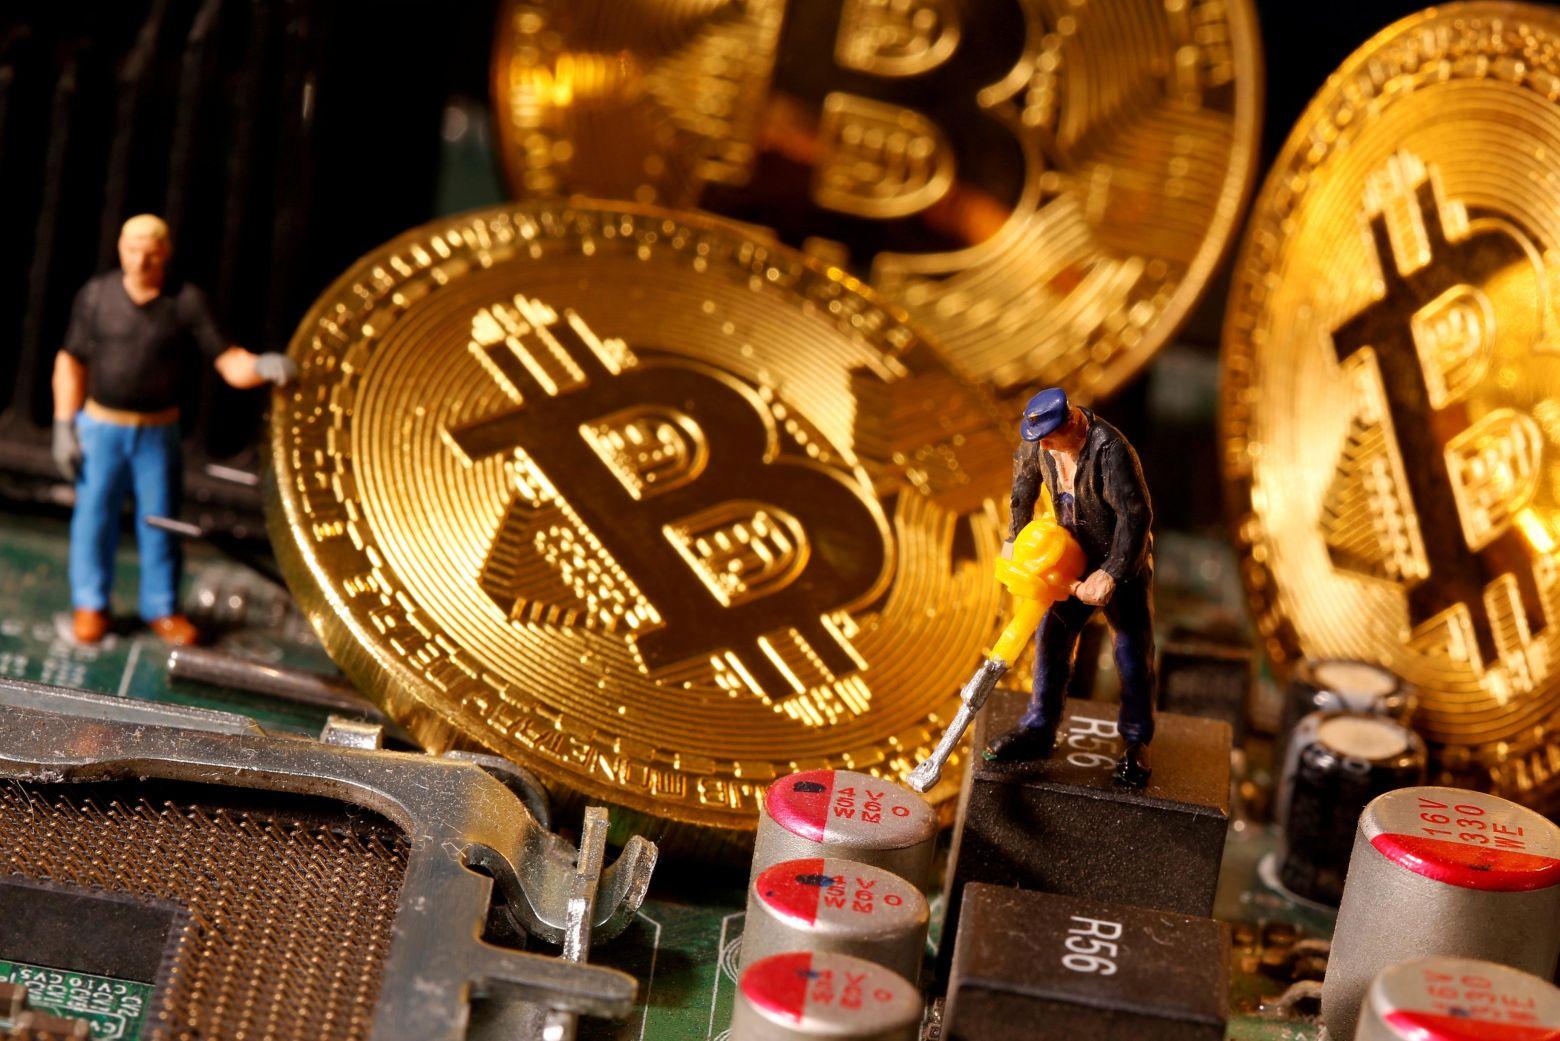 Немец скрывает от полиции $83 млн в биткоинах, отказываясь сказать пароль